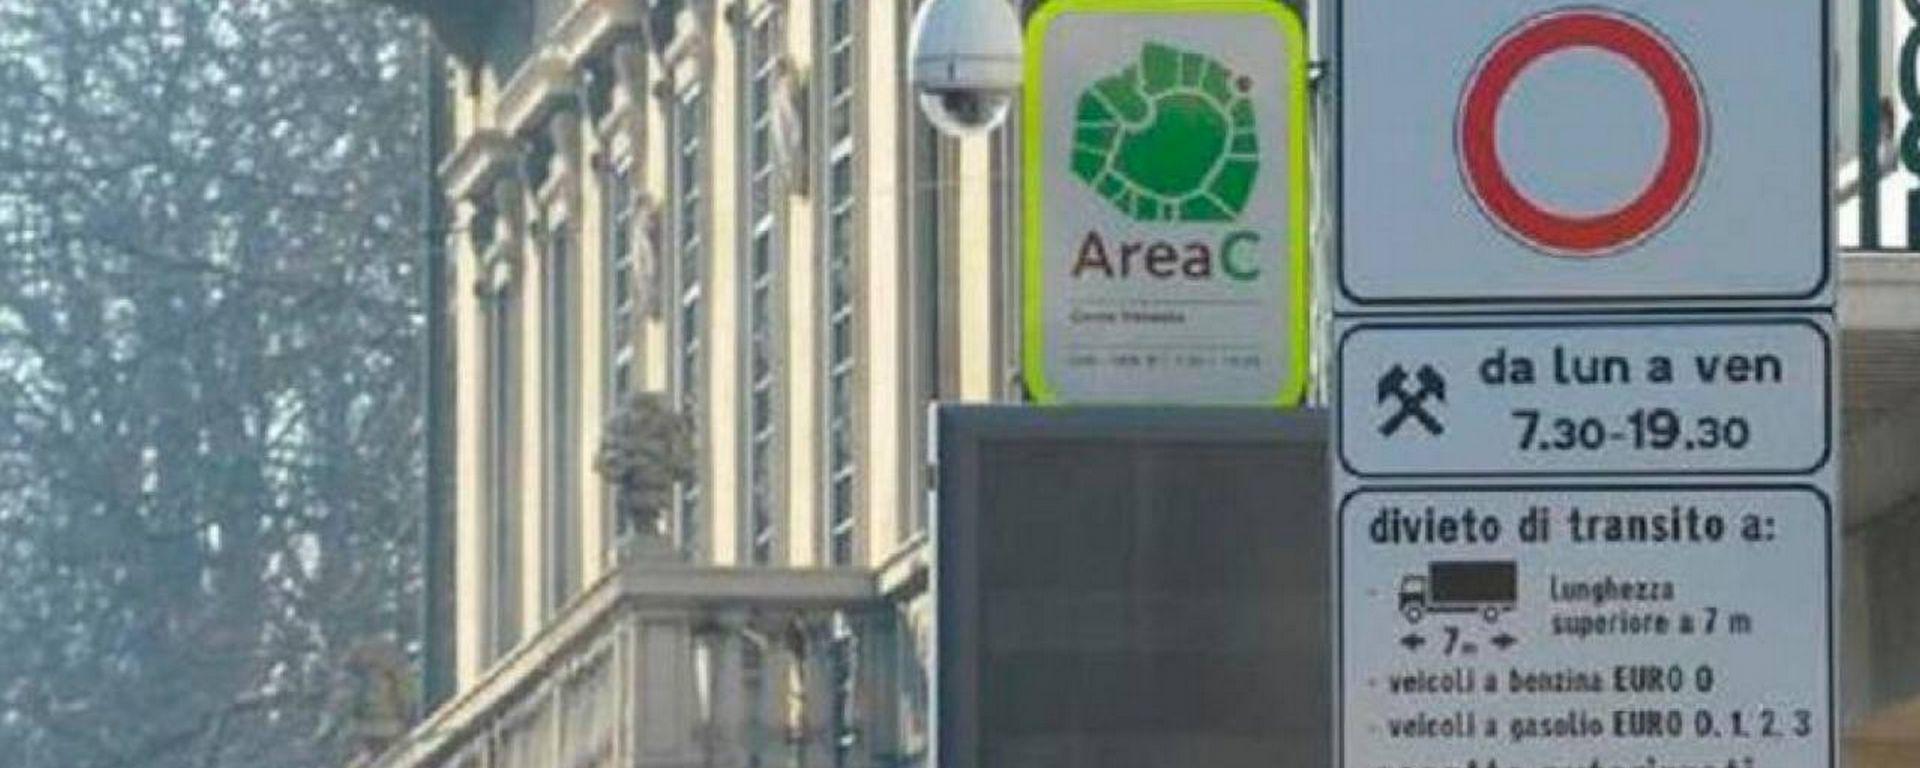 Area C Milano, il 24 febbraio varchi di nuovo attivi